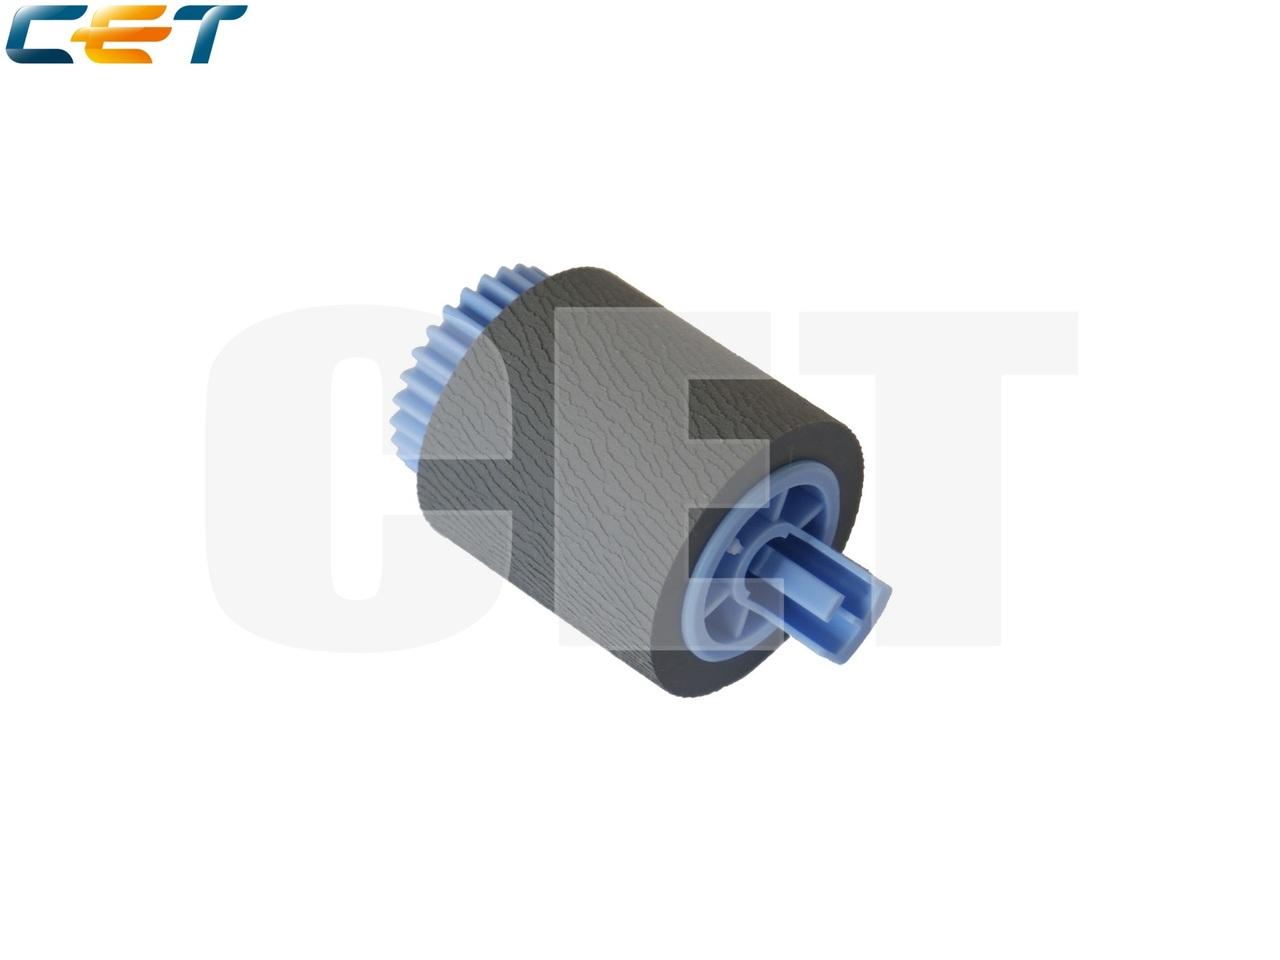 Ролик подачи/отделения RF5-3338-000 для HP LaserJet9000/9040/9050, M806/M830 (CET), CET0470, CET0470R